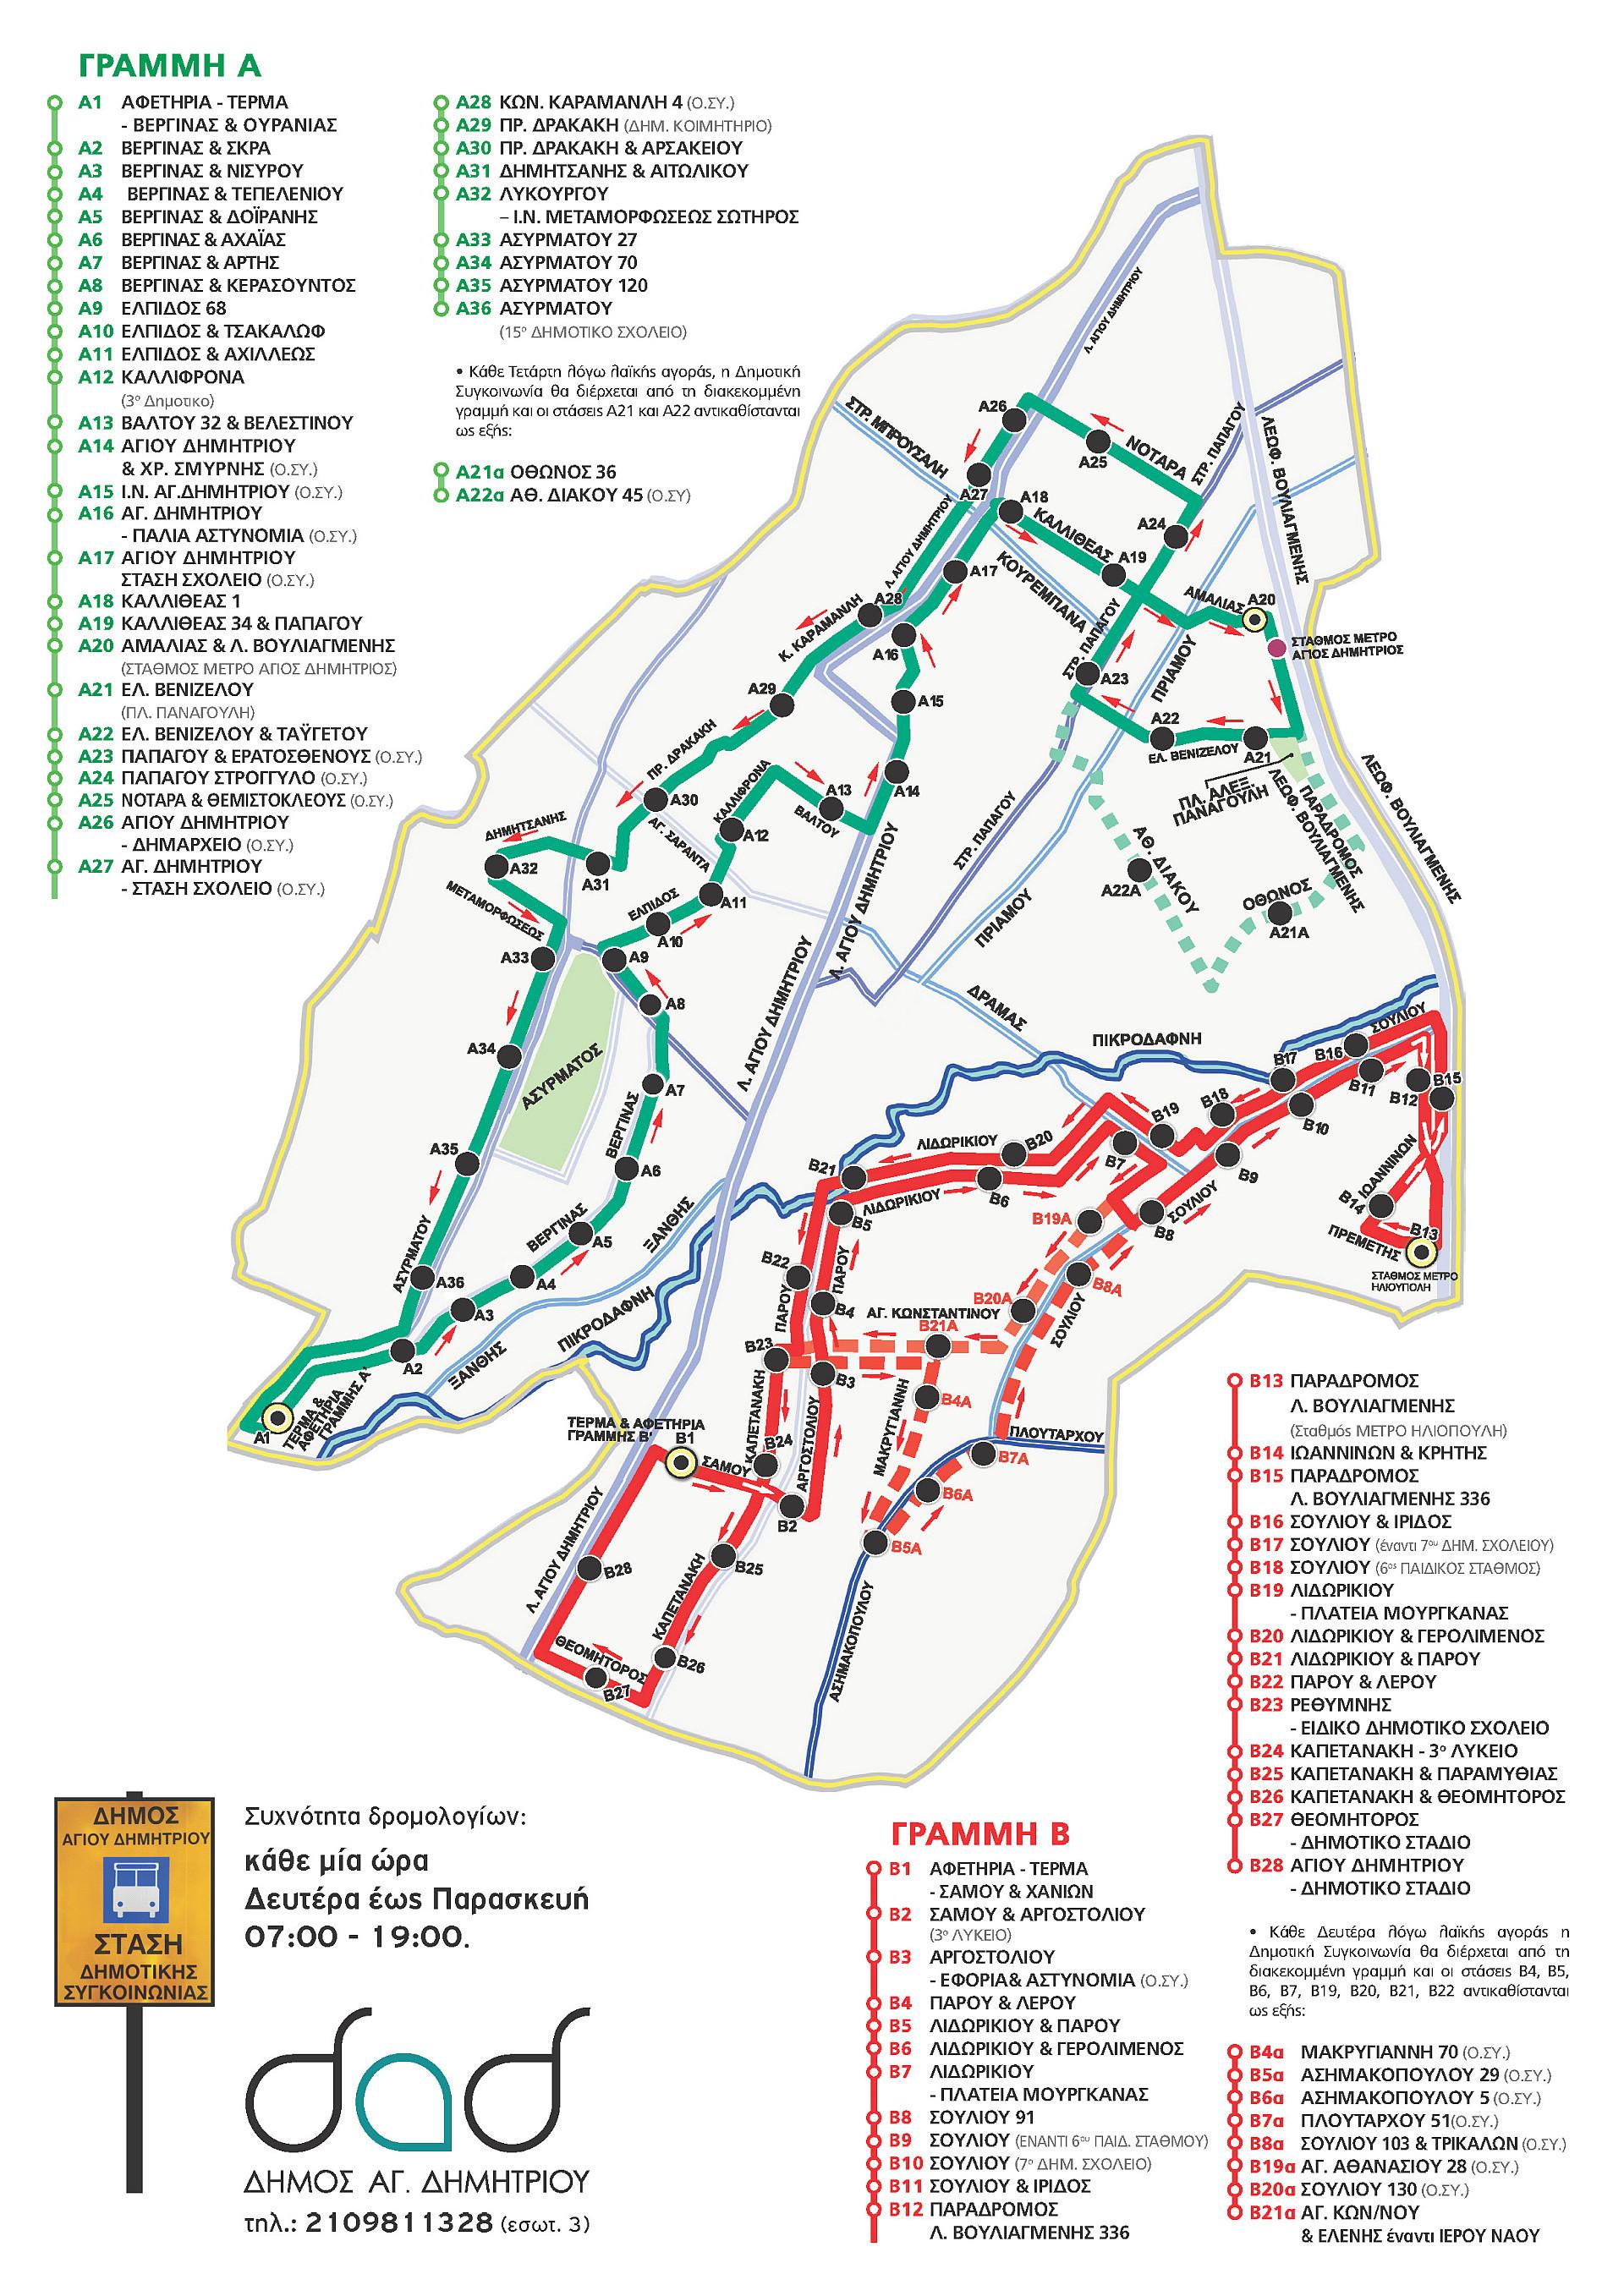 Δημοτική Συγκοινωνία Αγίου Δημητρίου Χάρτης